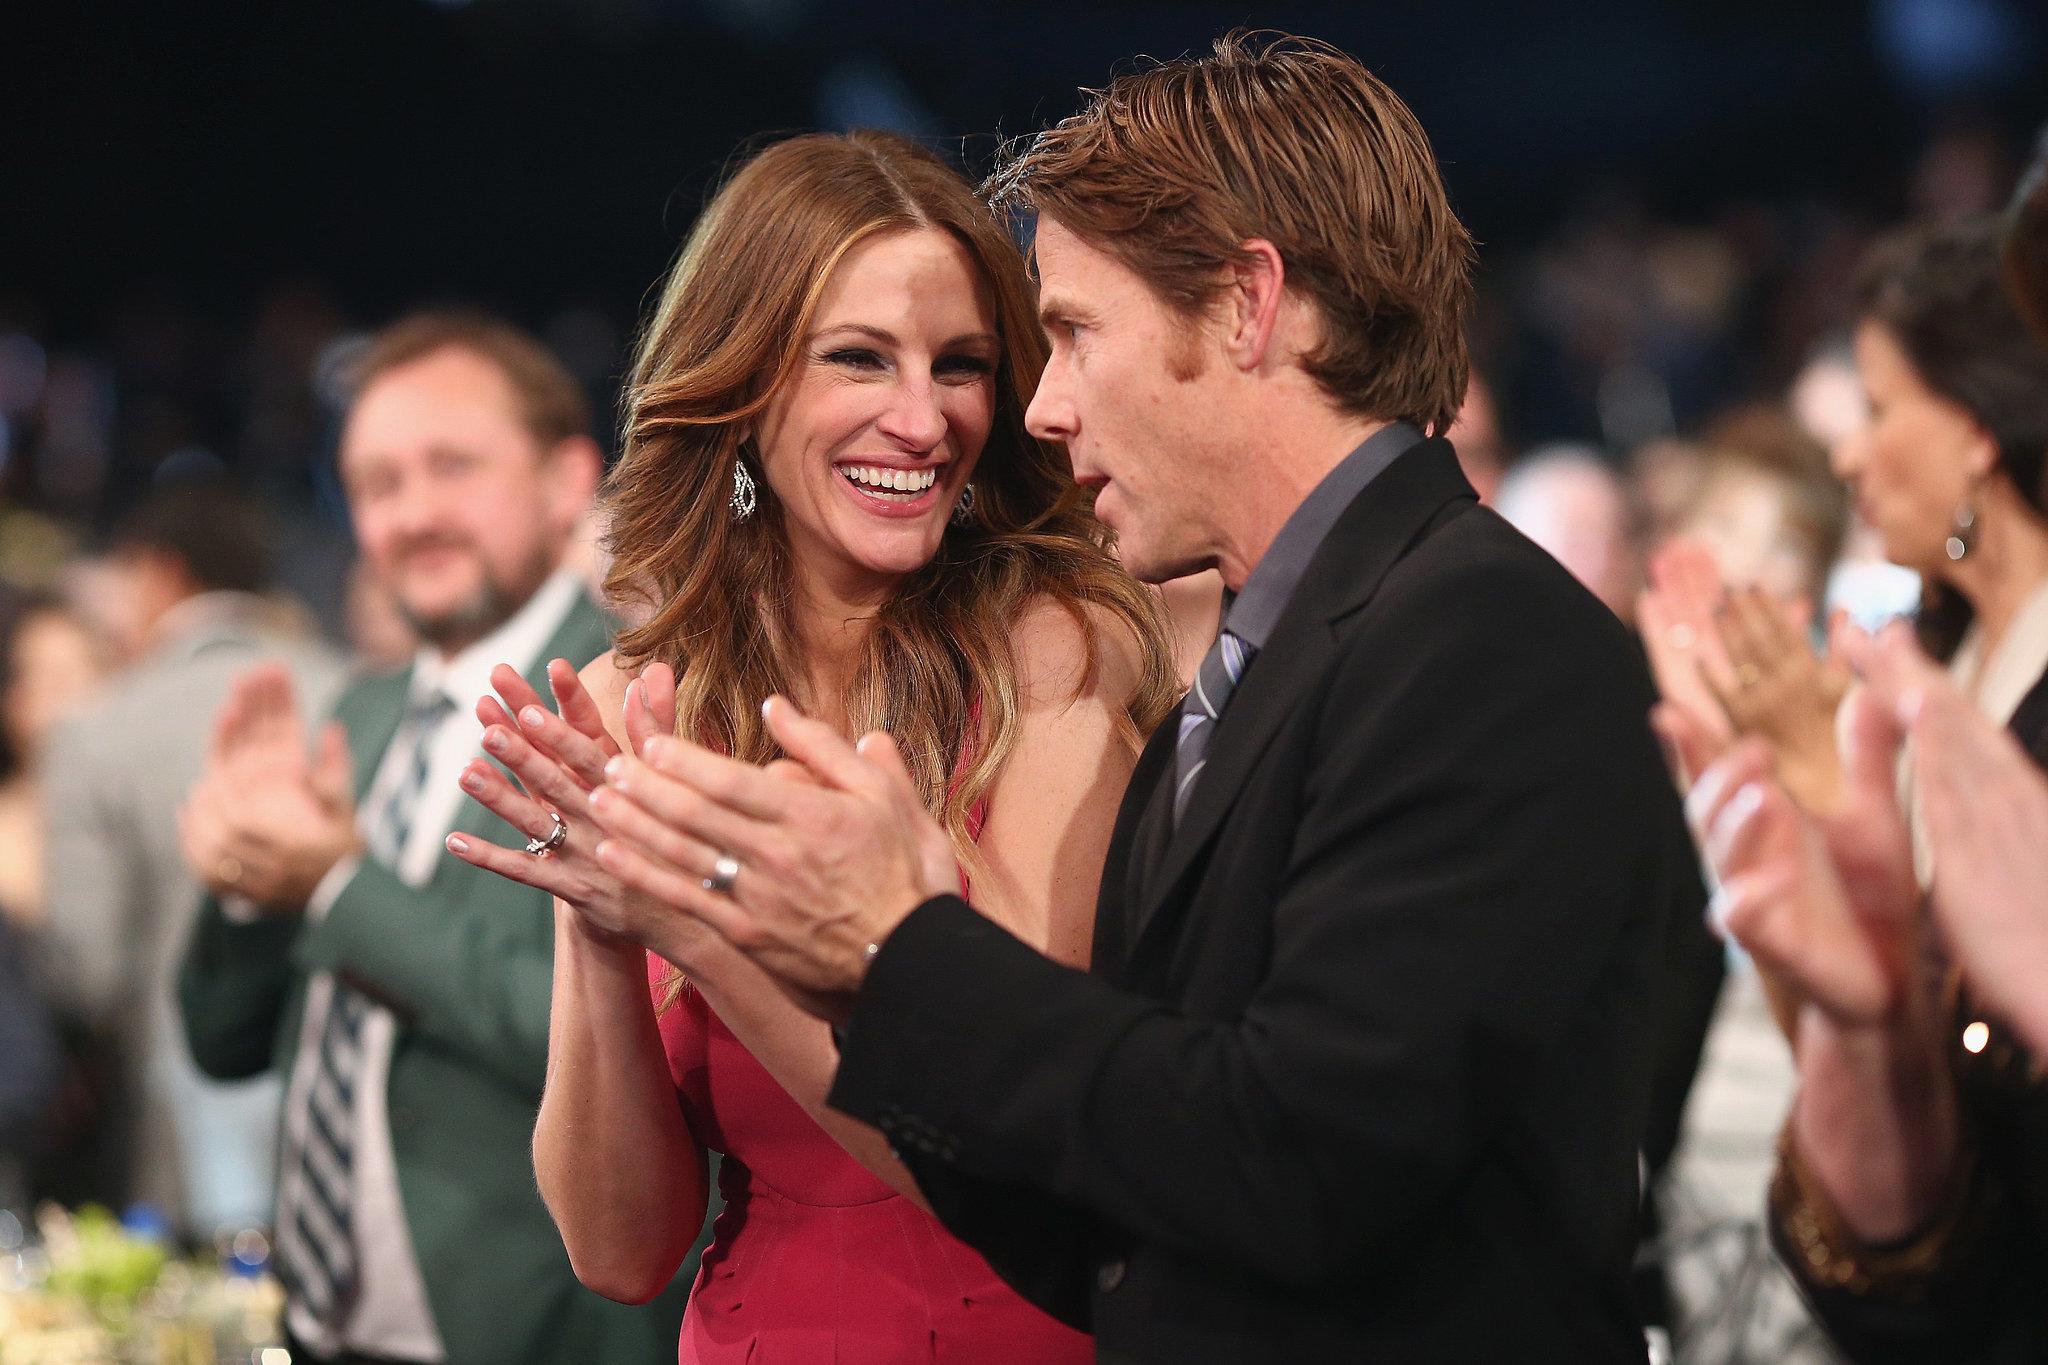 At the SAG Awards, Julia Roberts flashed a big grin alongside Daniel Moder.